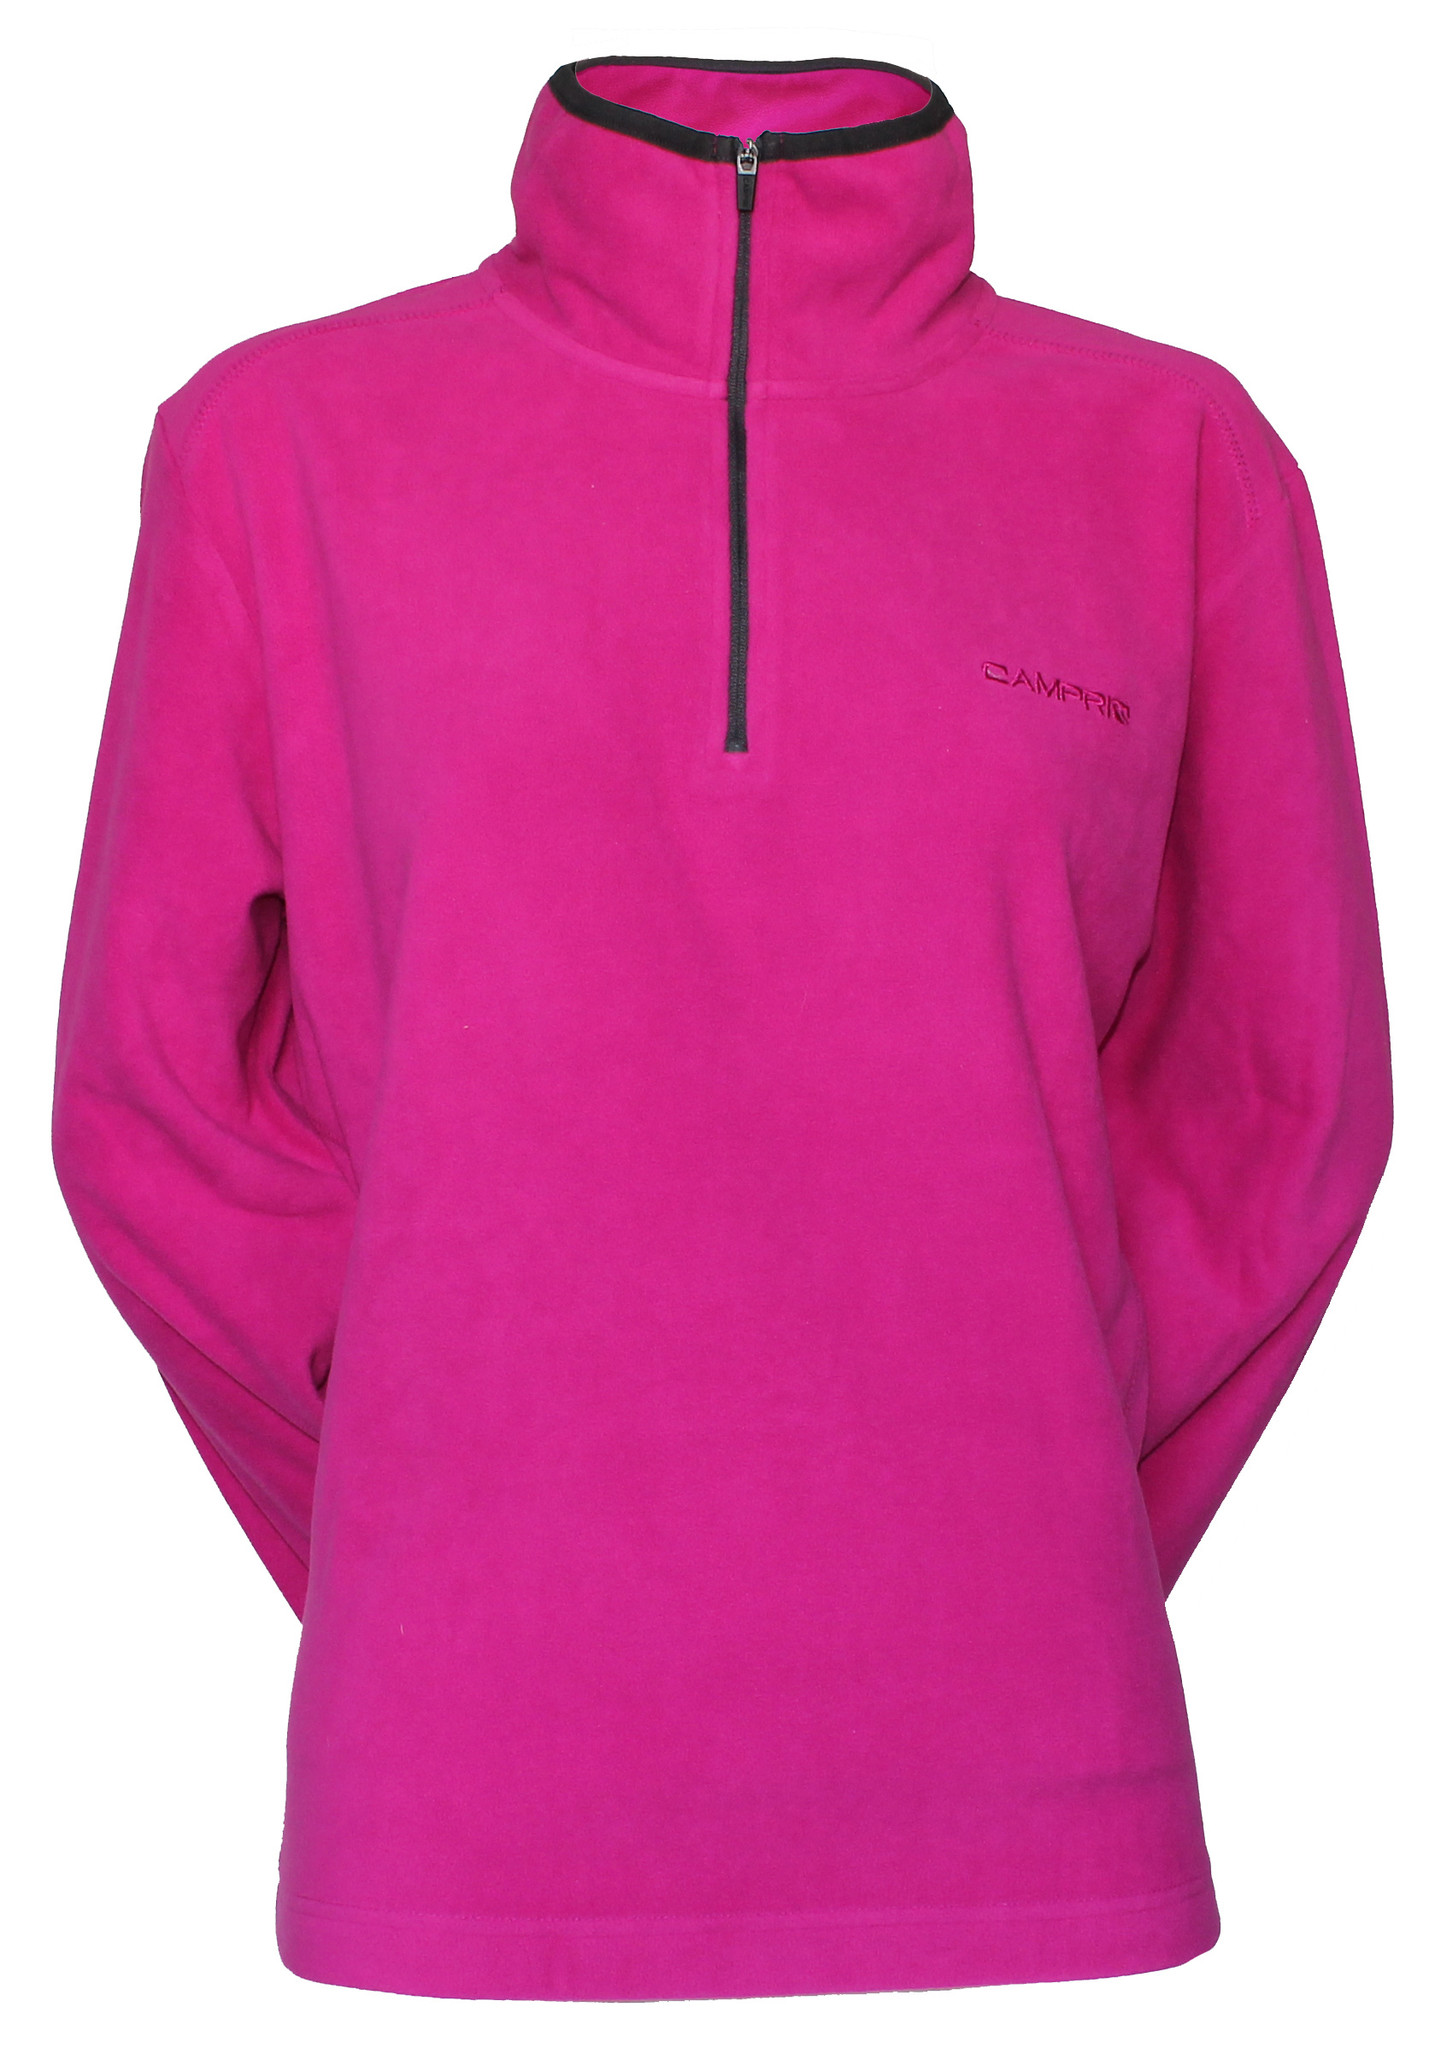 Campri Campri Junior - Micro Polar fleece sweater - Roze